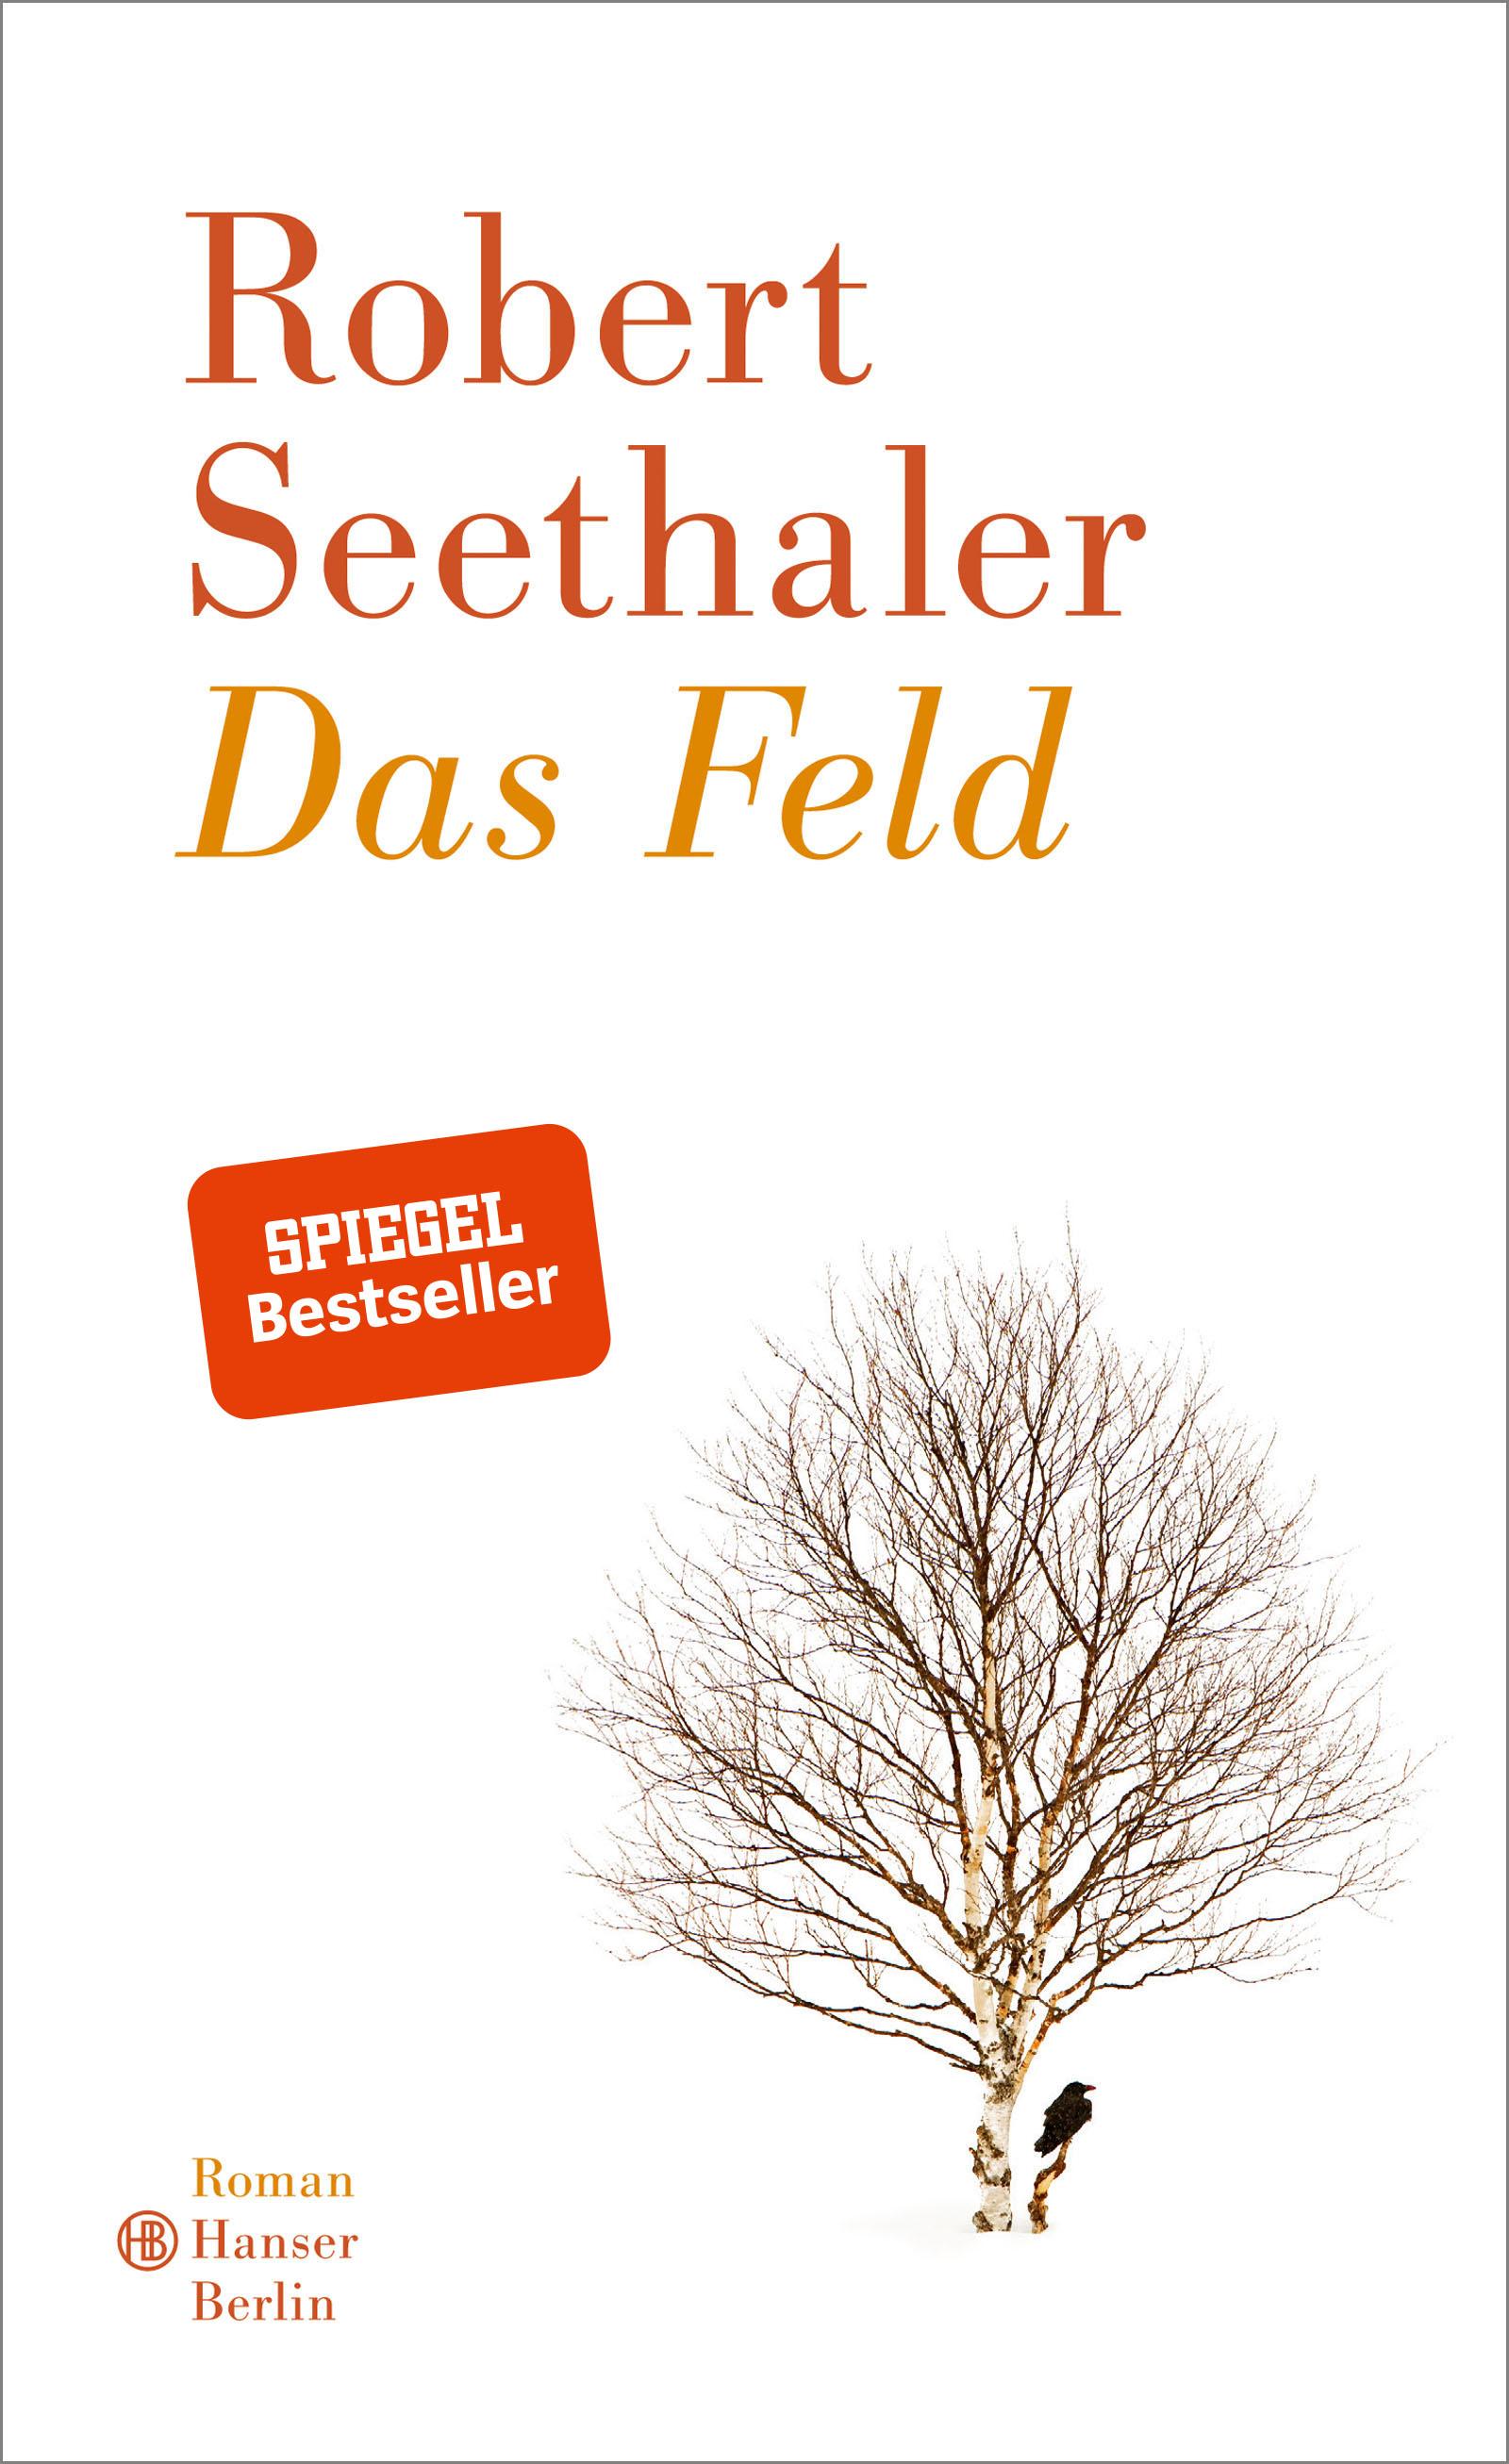 https://www.hanser-literaturverlage.de/buch/das-feld/978-3-446-26038-2/